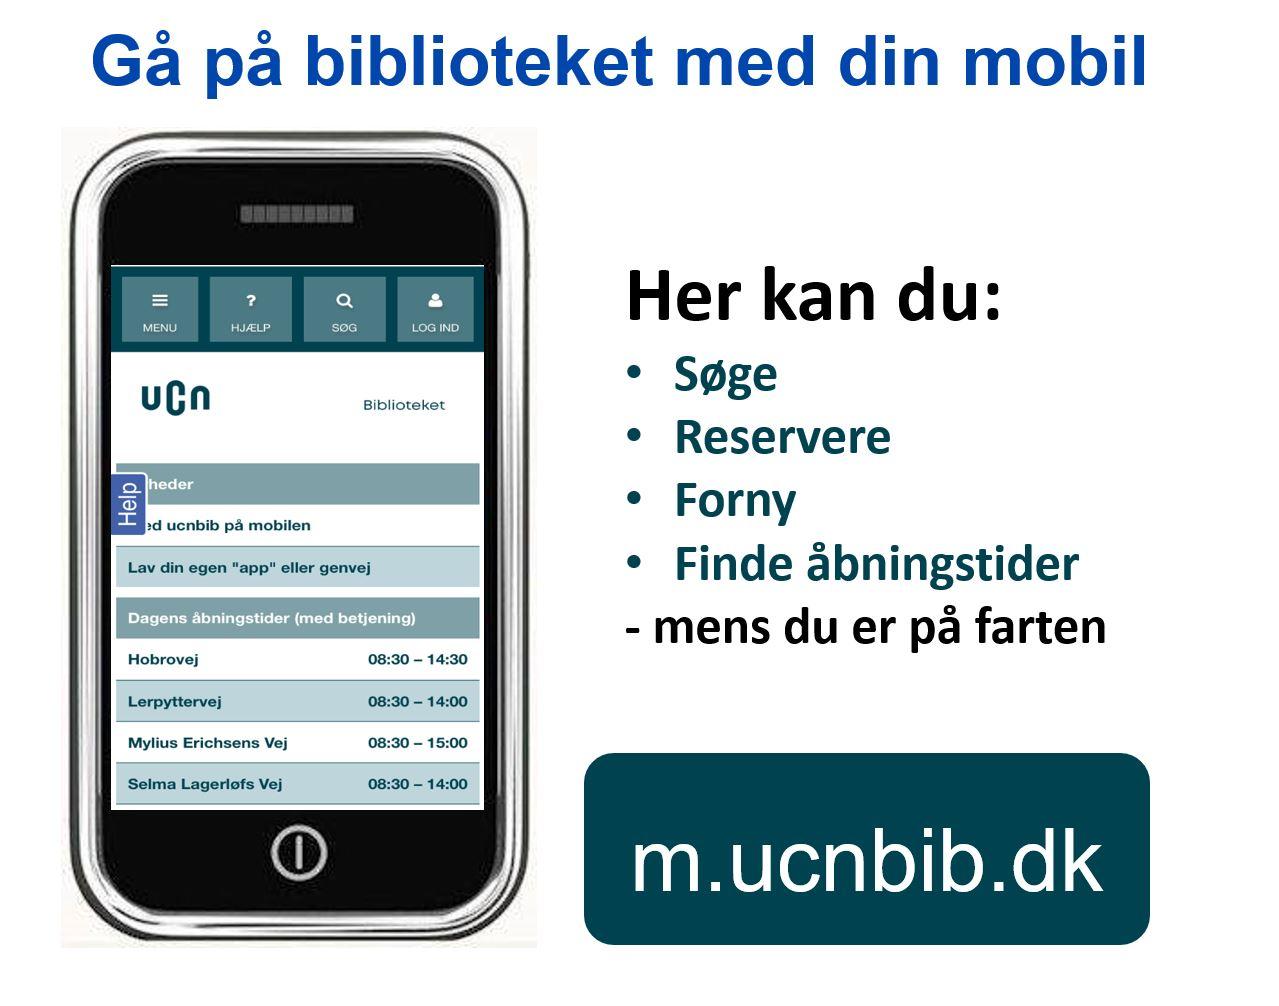 Mobilsite dansk